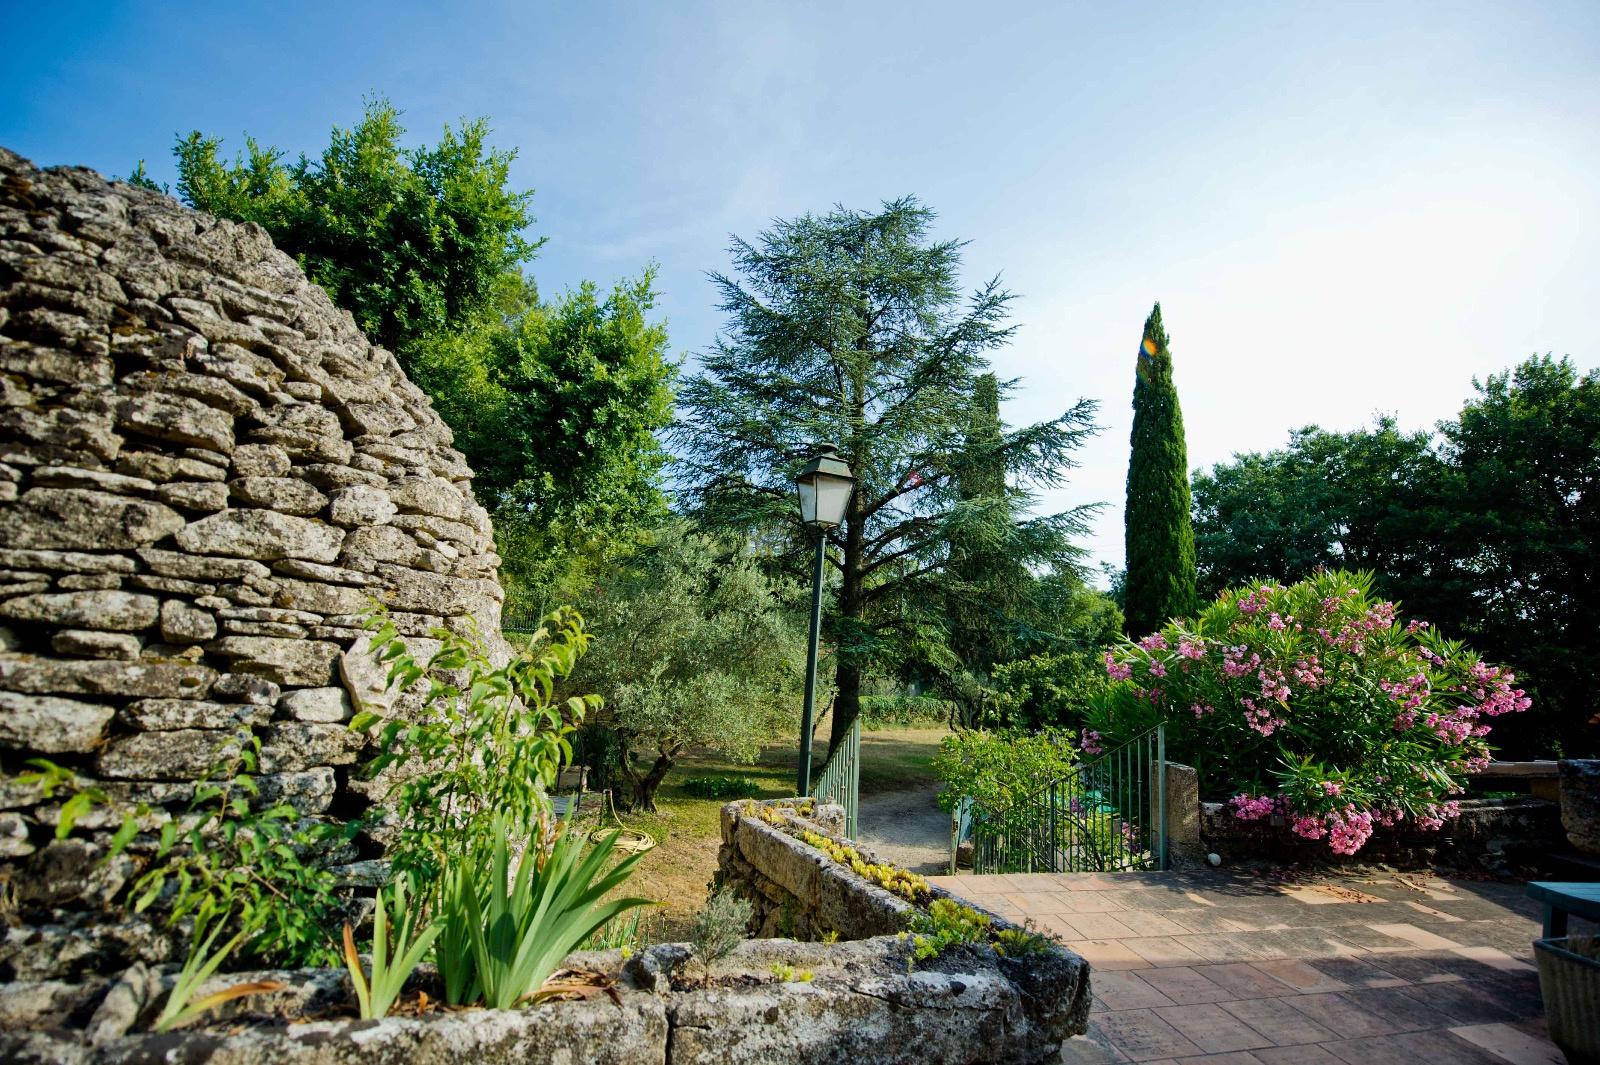 Vente vente maison 7 pieces avec jardin arbor castillon du gard - Vente maison jardin nimes toulon ...